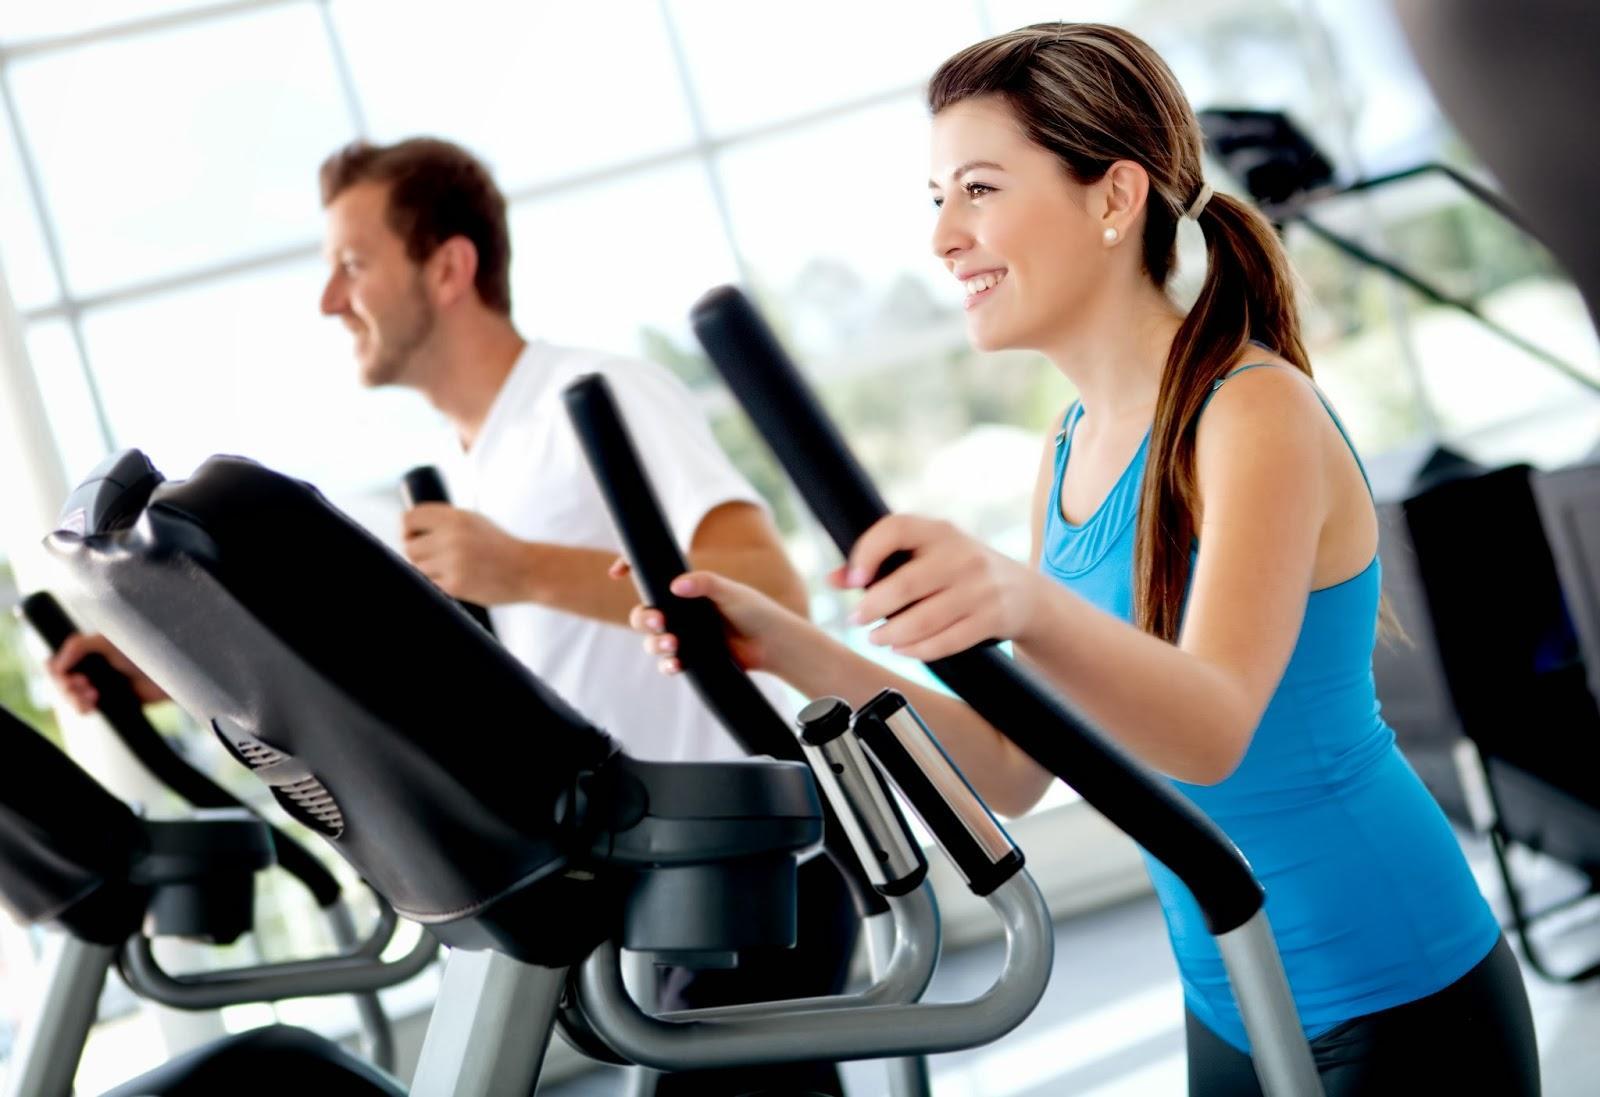 Progresa rápido en el gimnasio